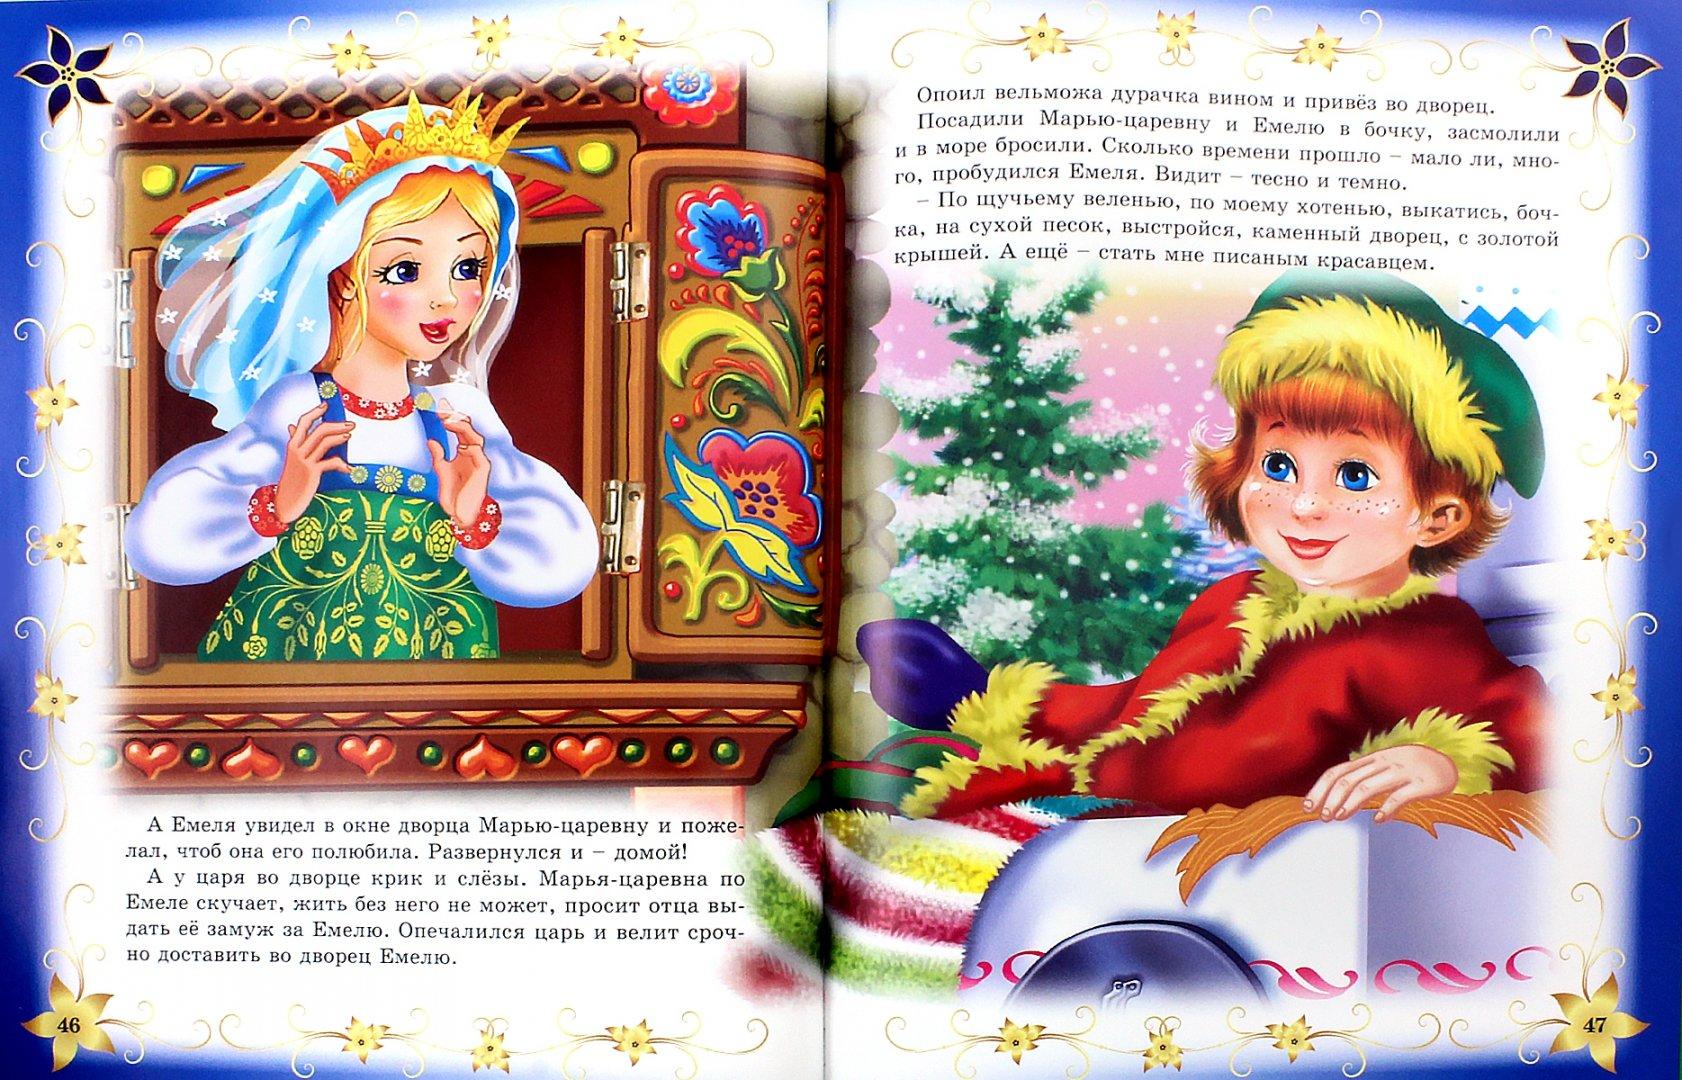 Иллюстрация 1 из 46 для Русские народные сказки для маленьких | Лабиринт - книги. Источник: Лабиринт